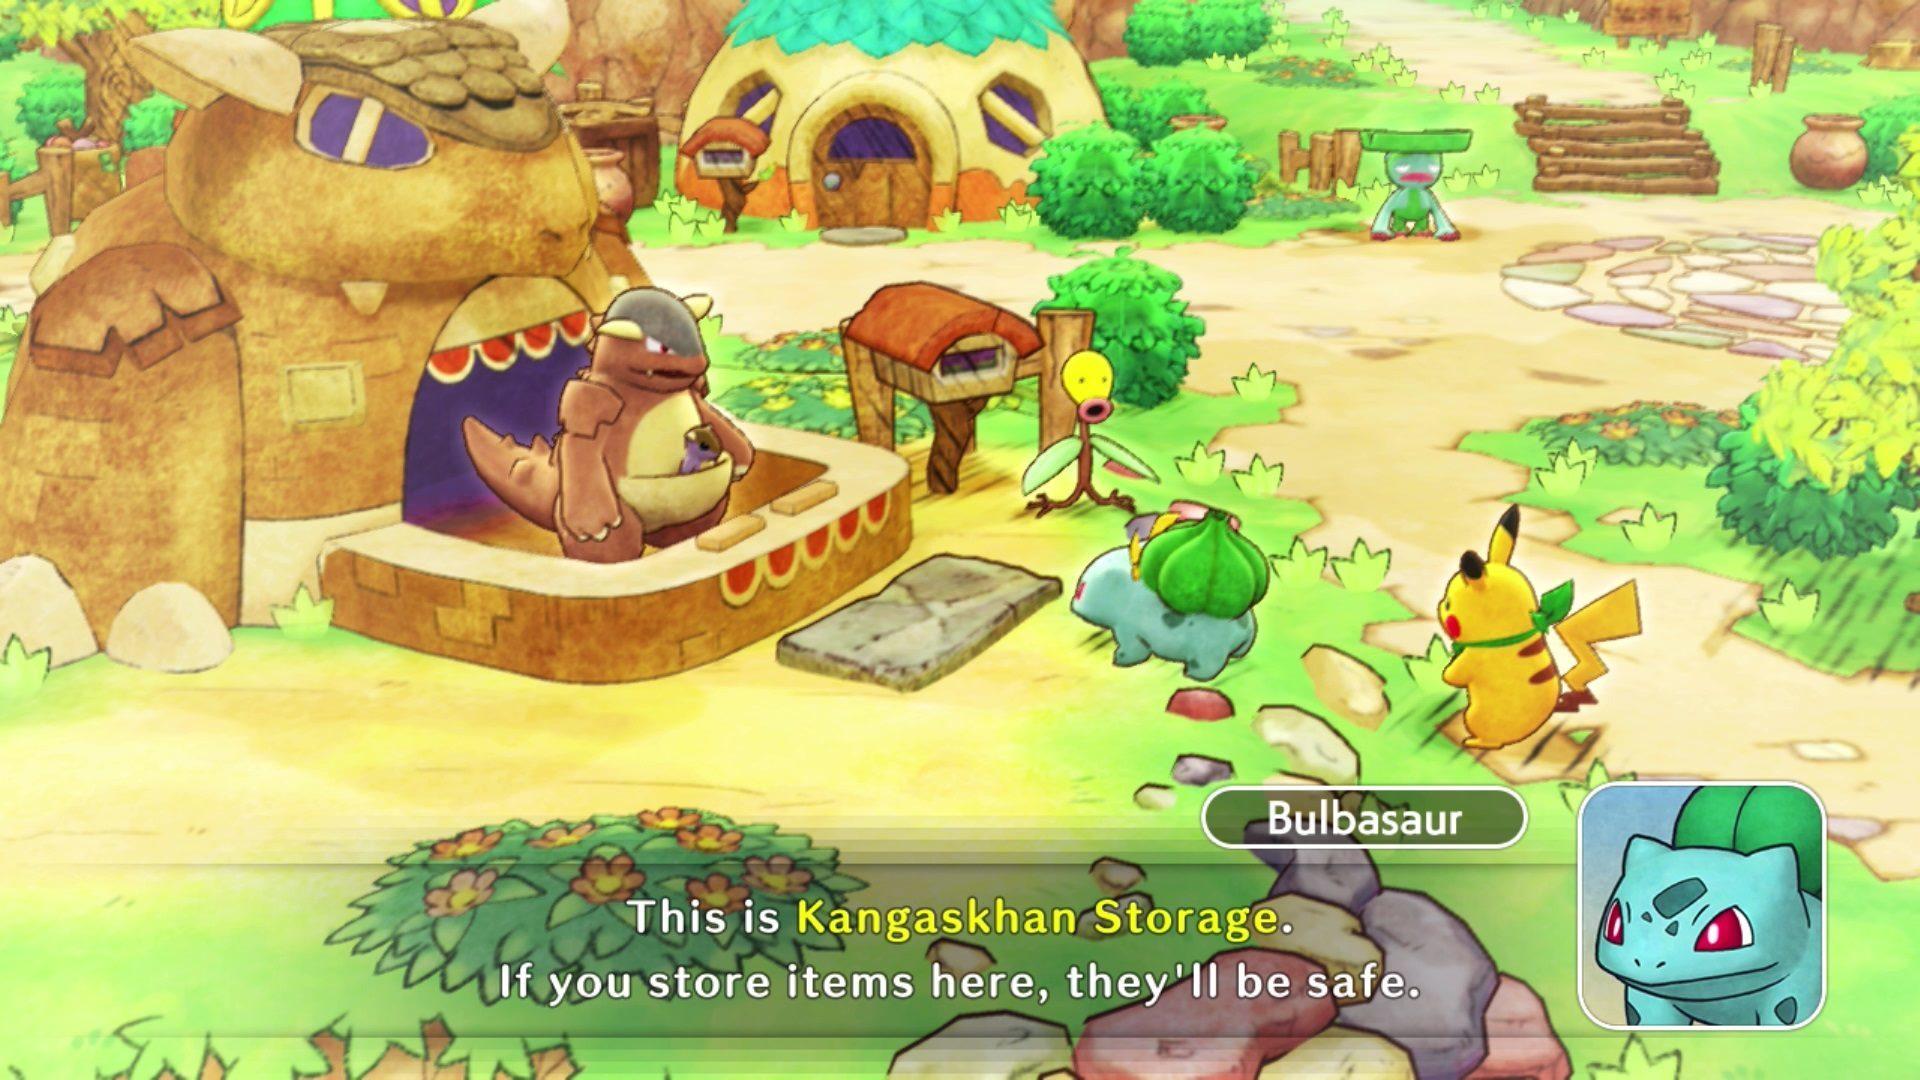 Bilder zu Pokémon Mystery Dungeon: Retterteam DX 35/47